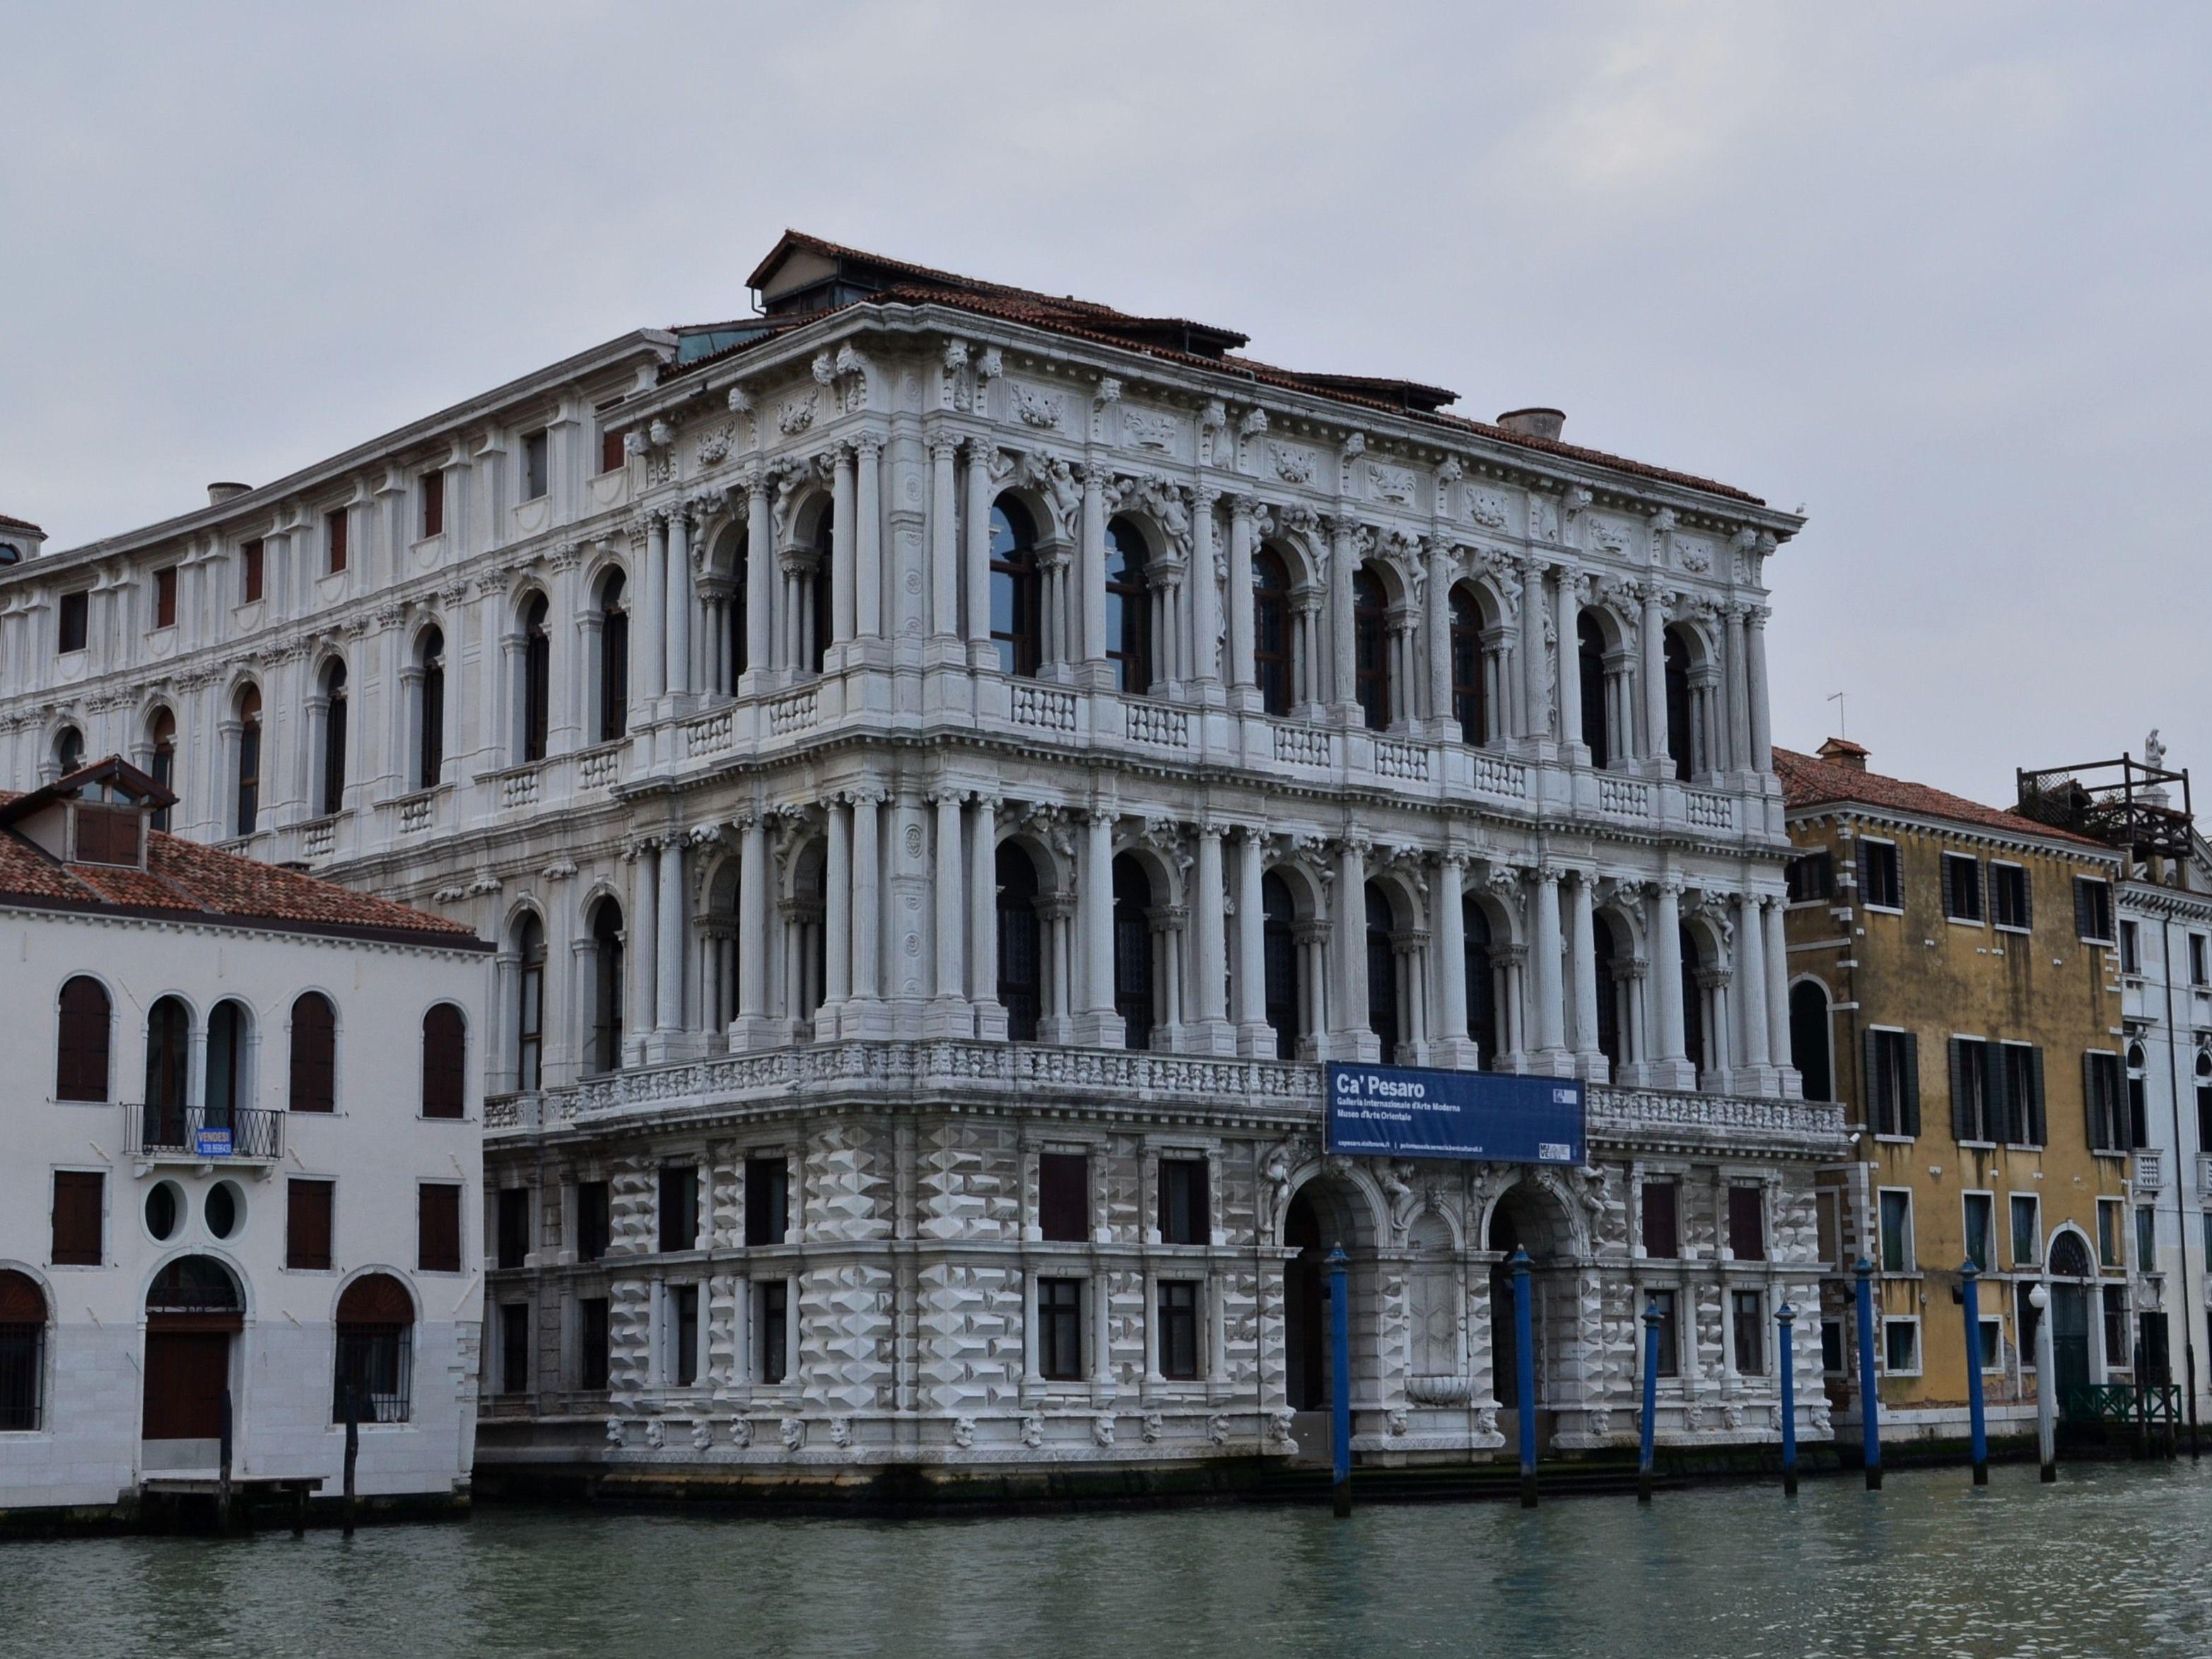 italian baroque architecture, venice; palazzo pesaro, begun 1676